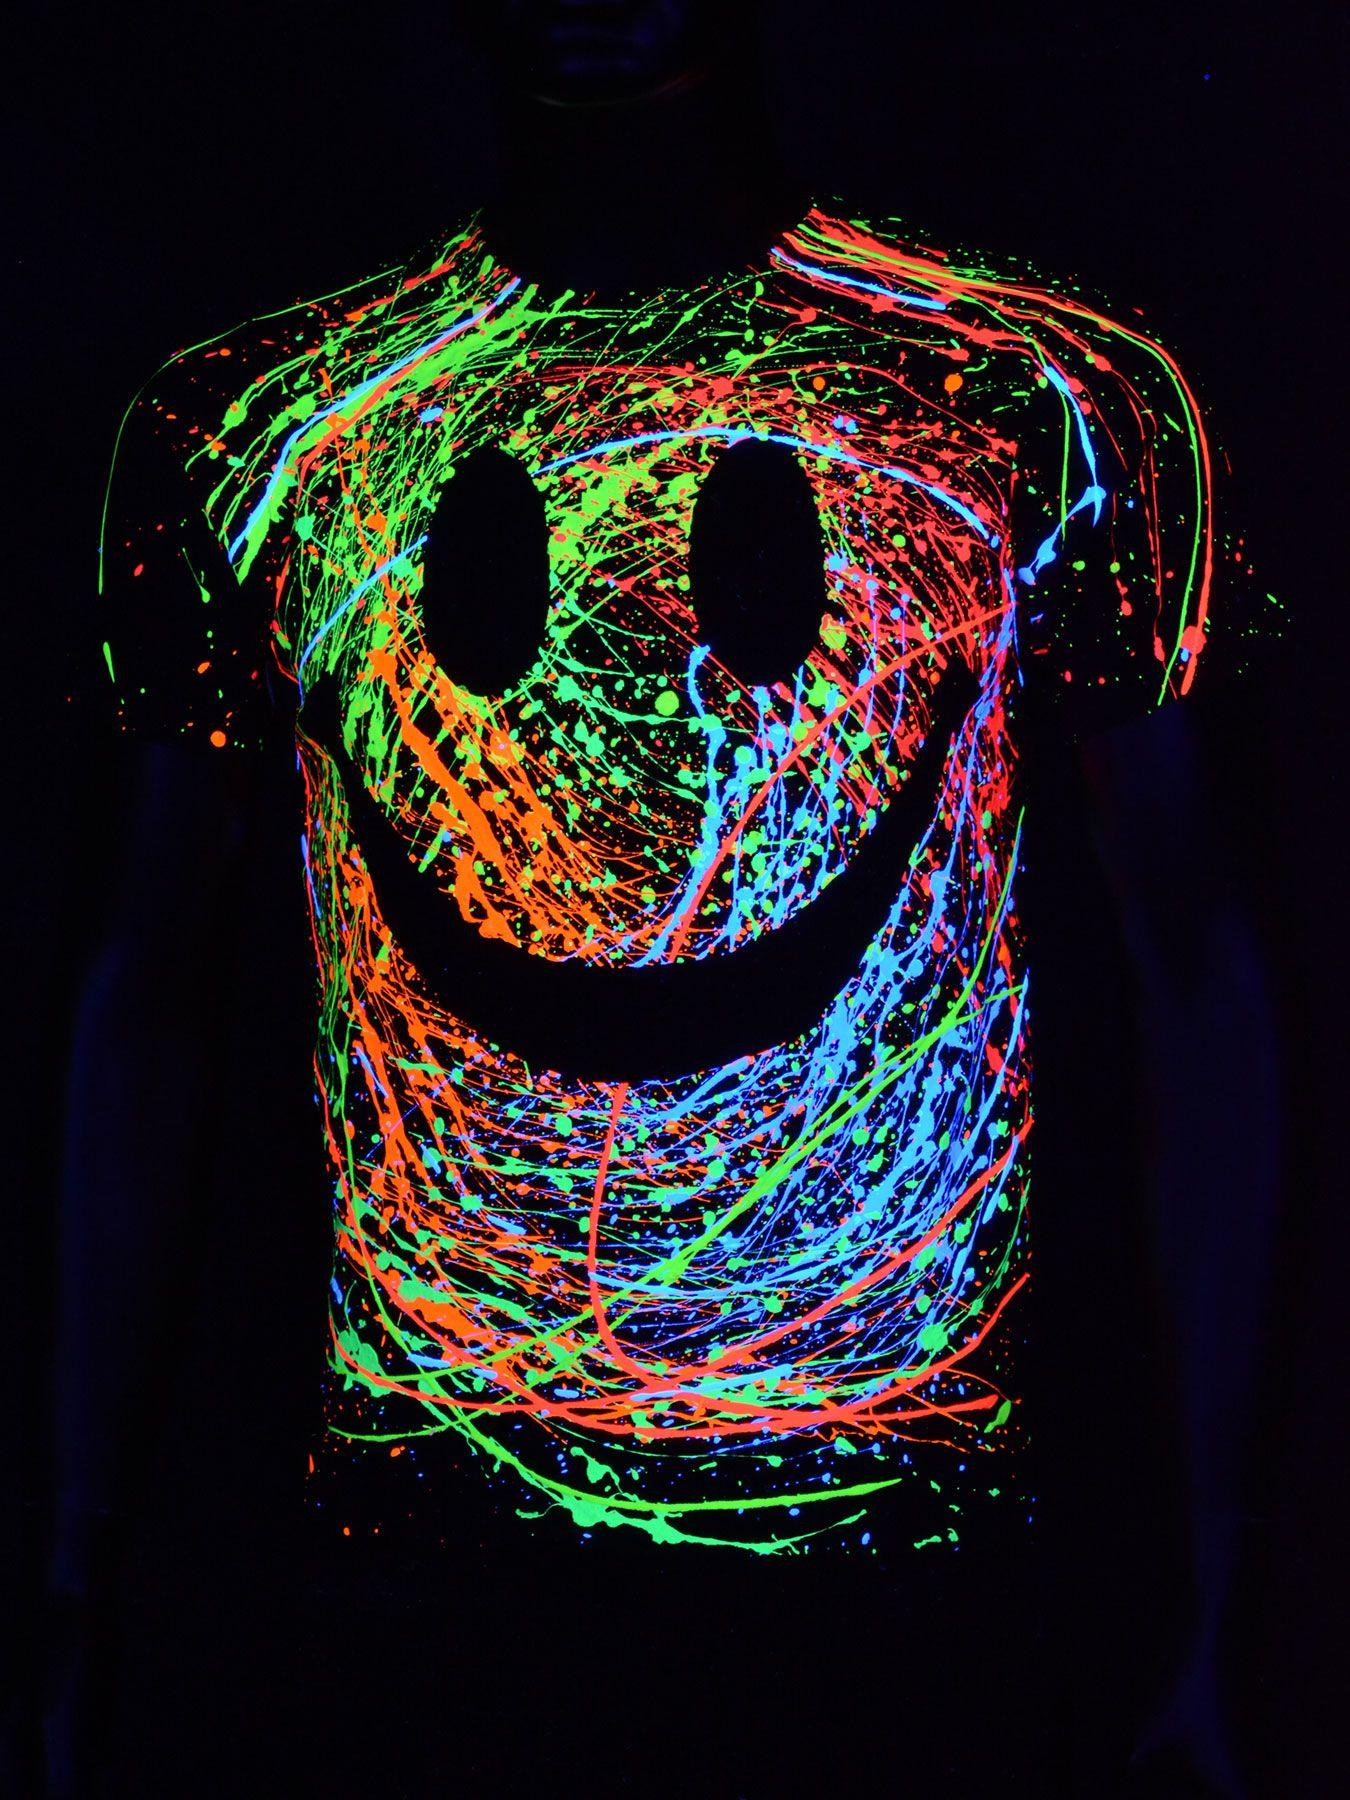 Schwarzlicht T Shirt Neon Grin Unisex Black Blacklight Schwarzlicht Neon Party Psy Clothing Couchuk Glow Party Outfit Schwarzlicht Schwarzlicht Party